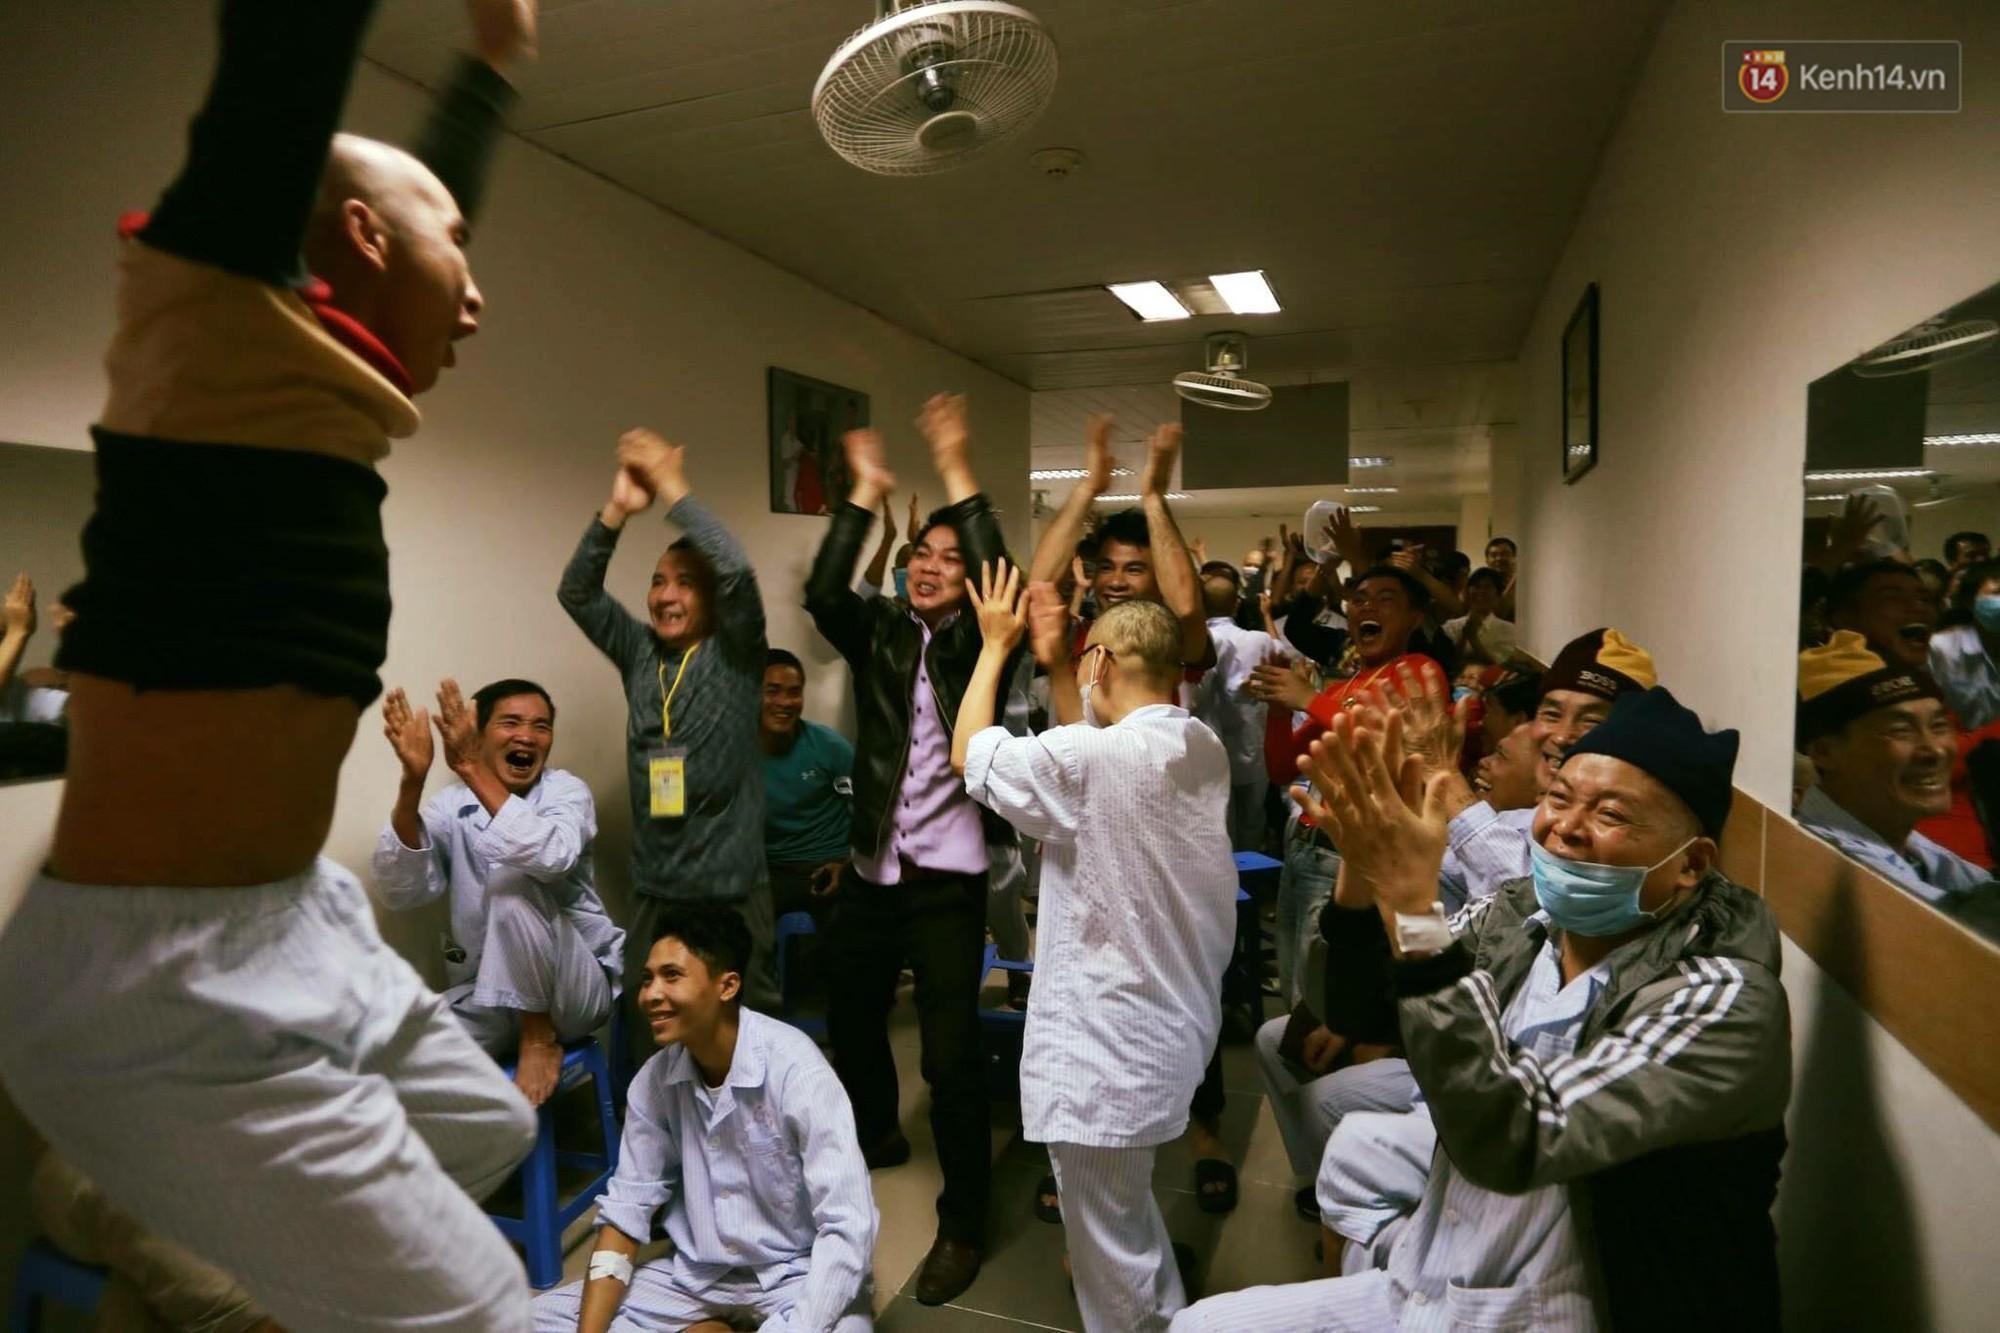 ...và cùng nhau nhảy múa, reo hò khi U23 Việt Nam ghi bàn thắng.